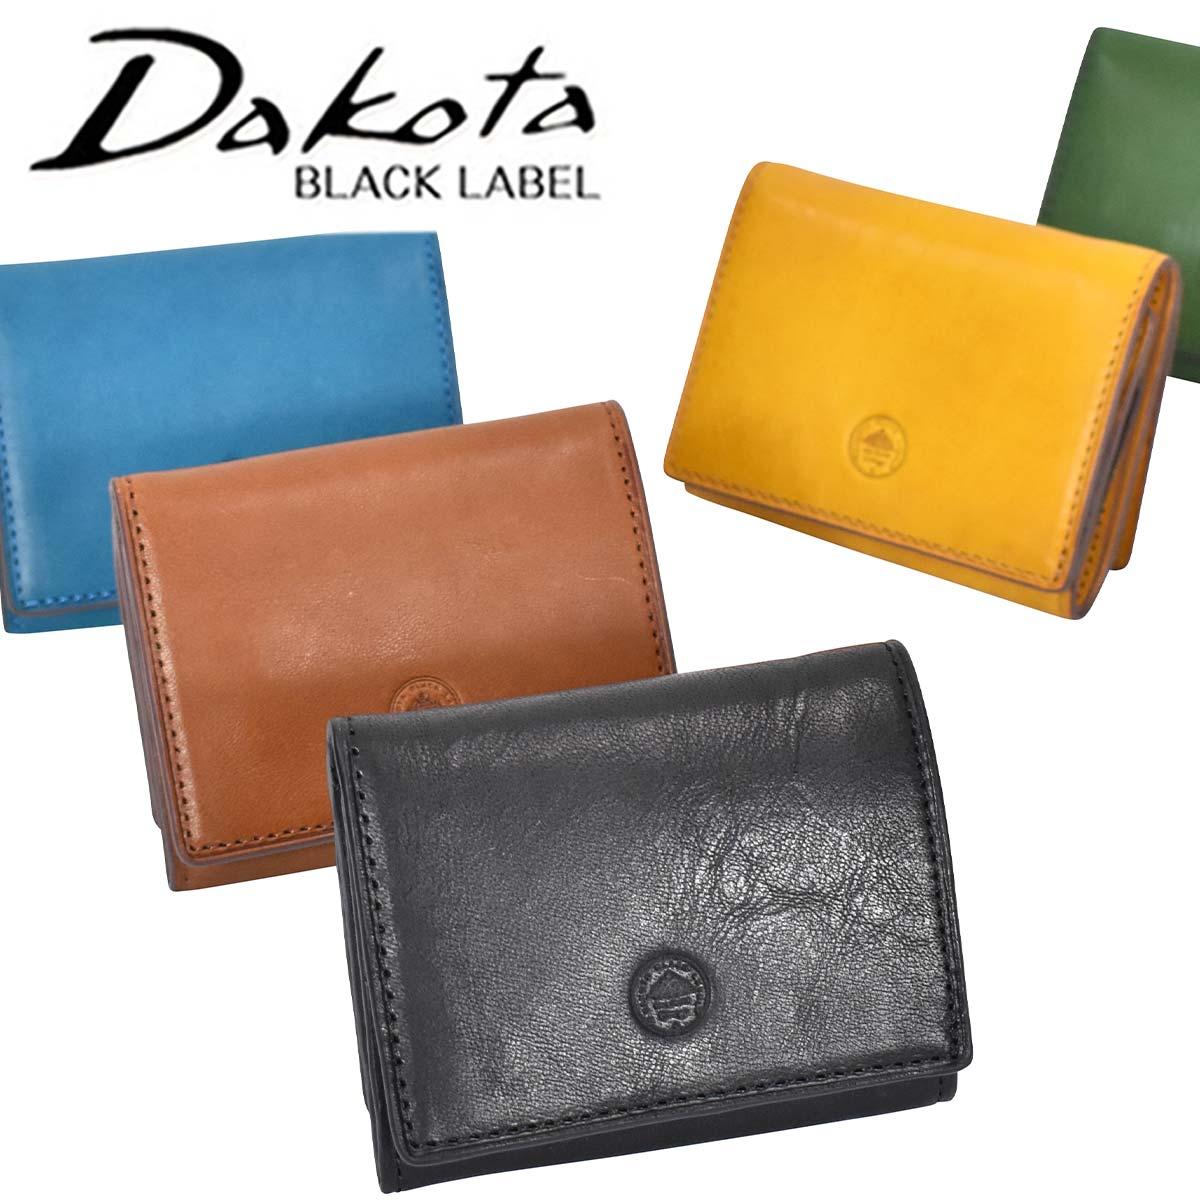 Dakota BLACK LABEL ダコタブラックレーベル ミニモ 三つ折り財布 メンズ 本革 レザー ダコタ ブラックレーベル 財布 サイフ 三つ折り 3つ折り財布 小物 ギフト プレゼント 彼氏 おしゃれ | 折りたたみ